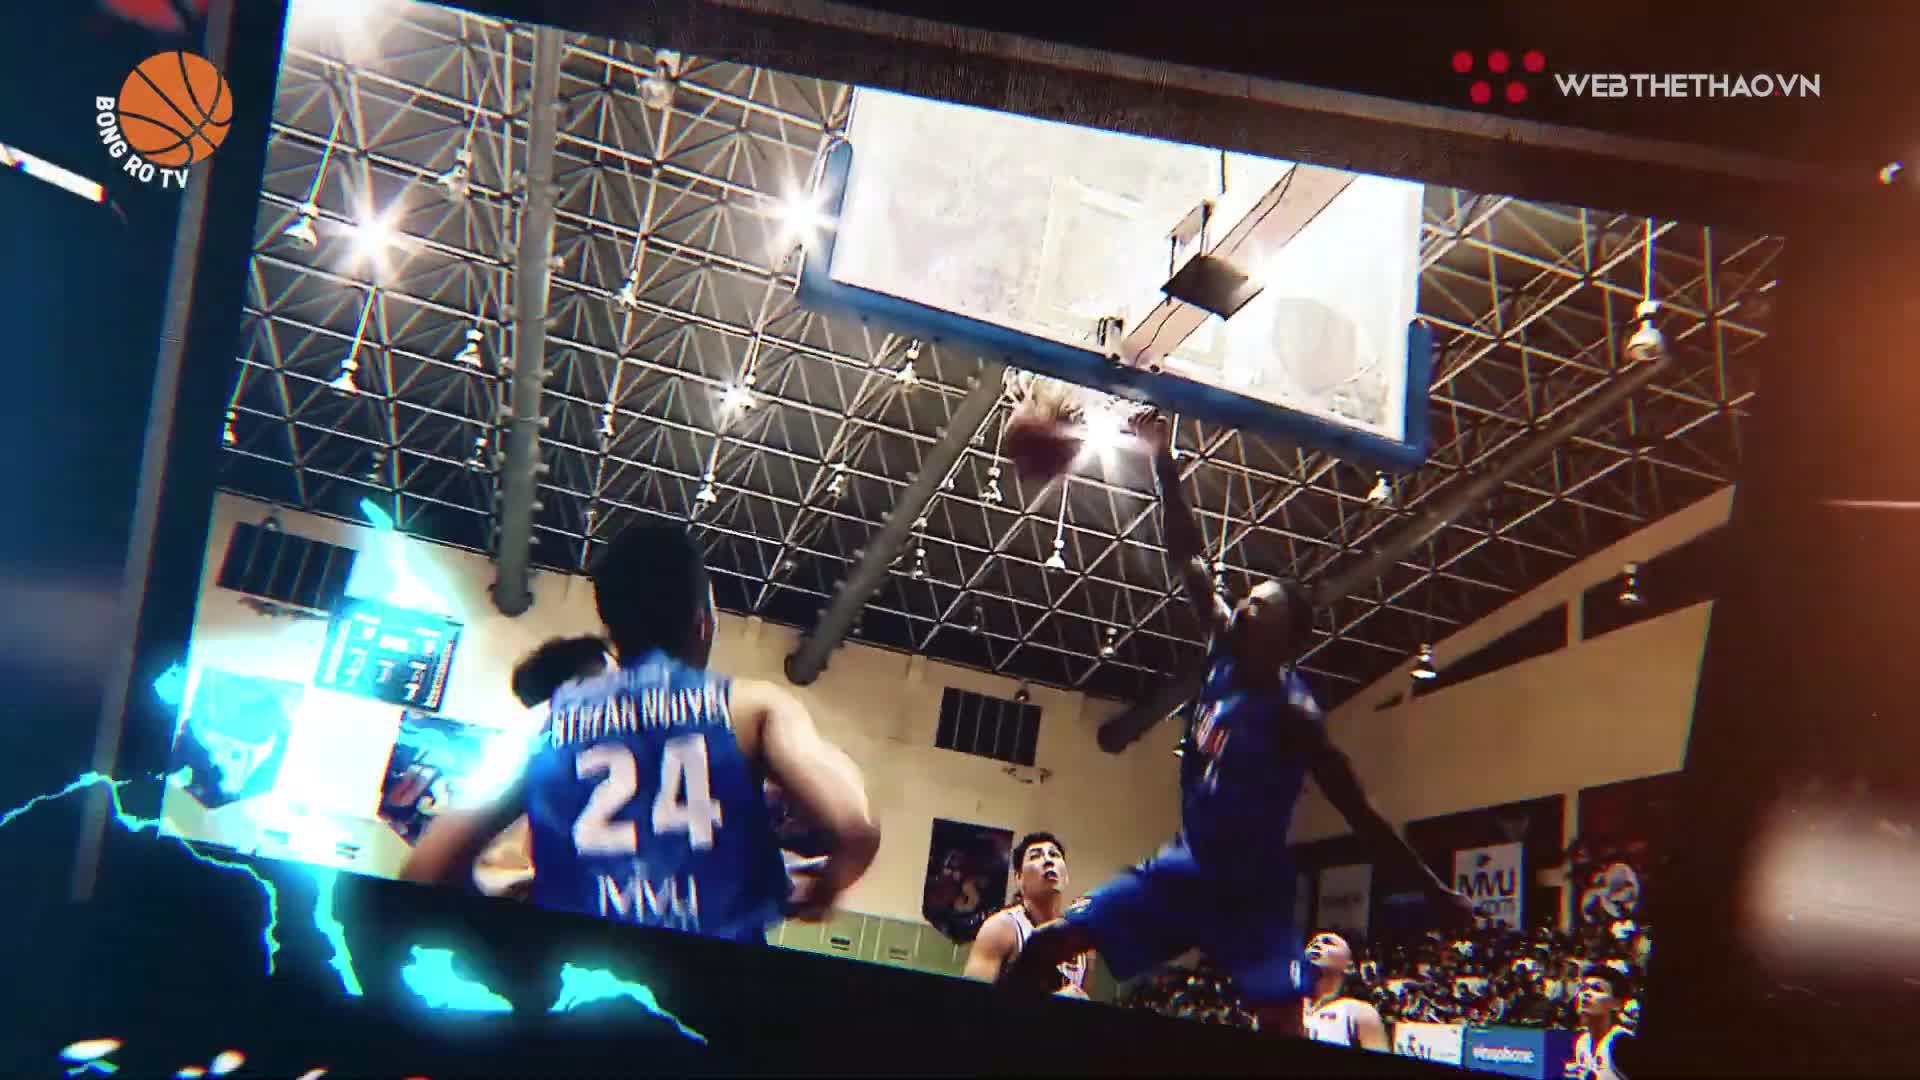 #BNews-Ep17: NBA bùng nổ với những trận cầu hấp dẫn